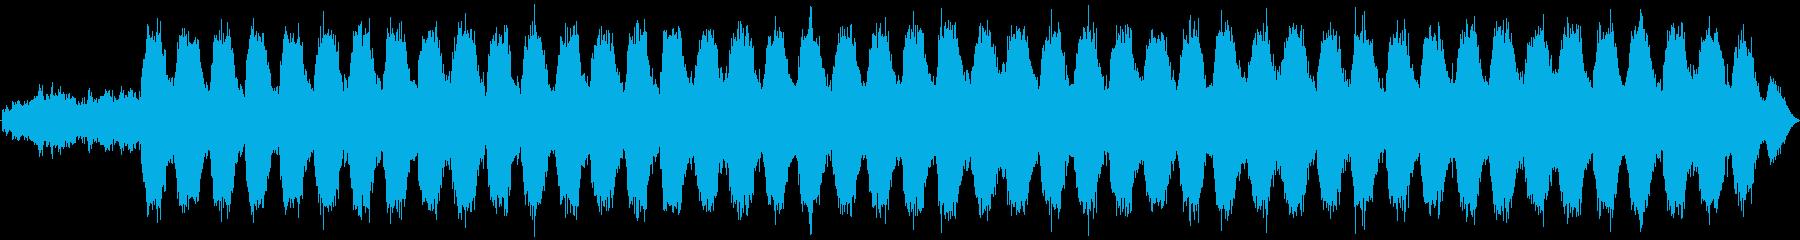 荘厳なオルガンとコーラス・絶望感の演出の再生済みの波形